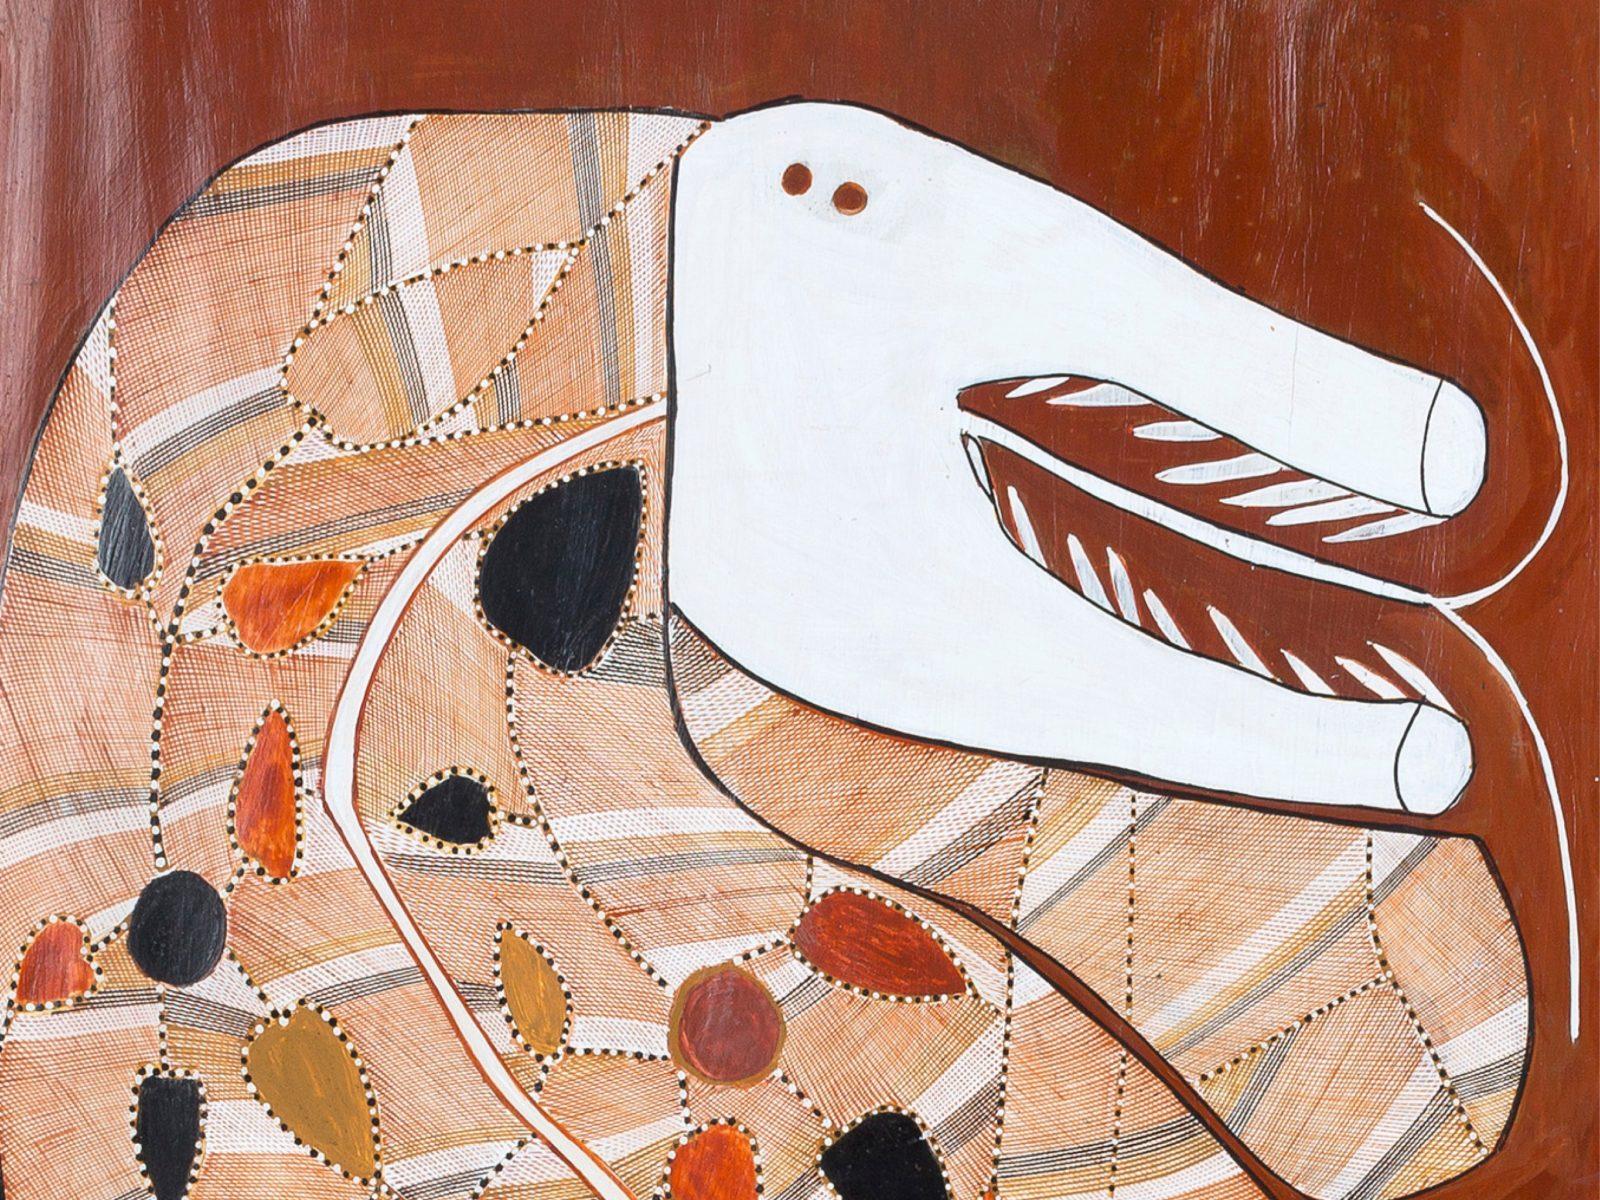 image detail: John Mawurndjul, 'Ngalyod', 2012